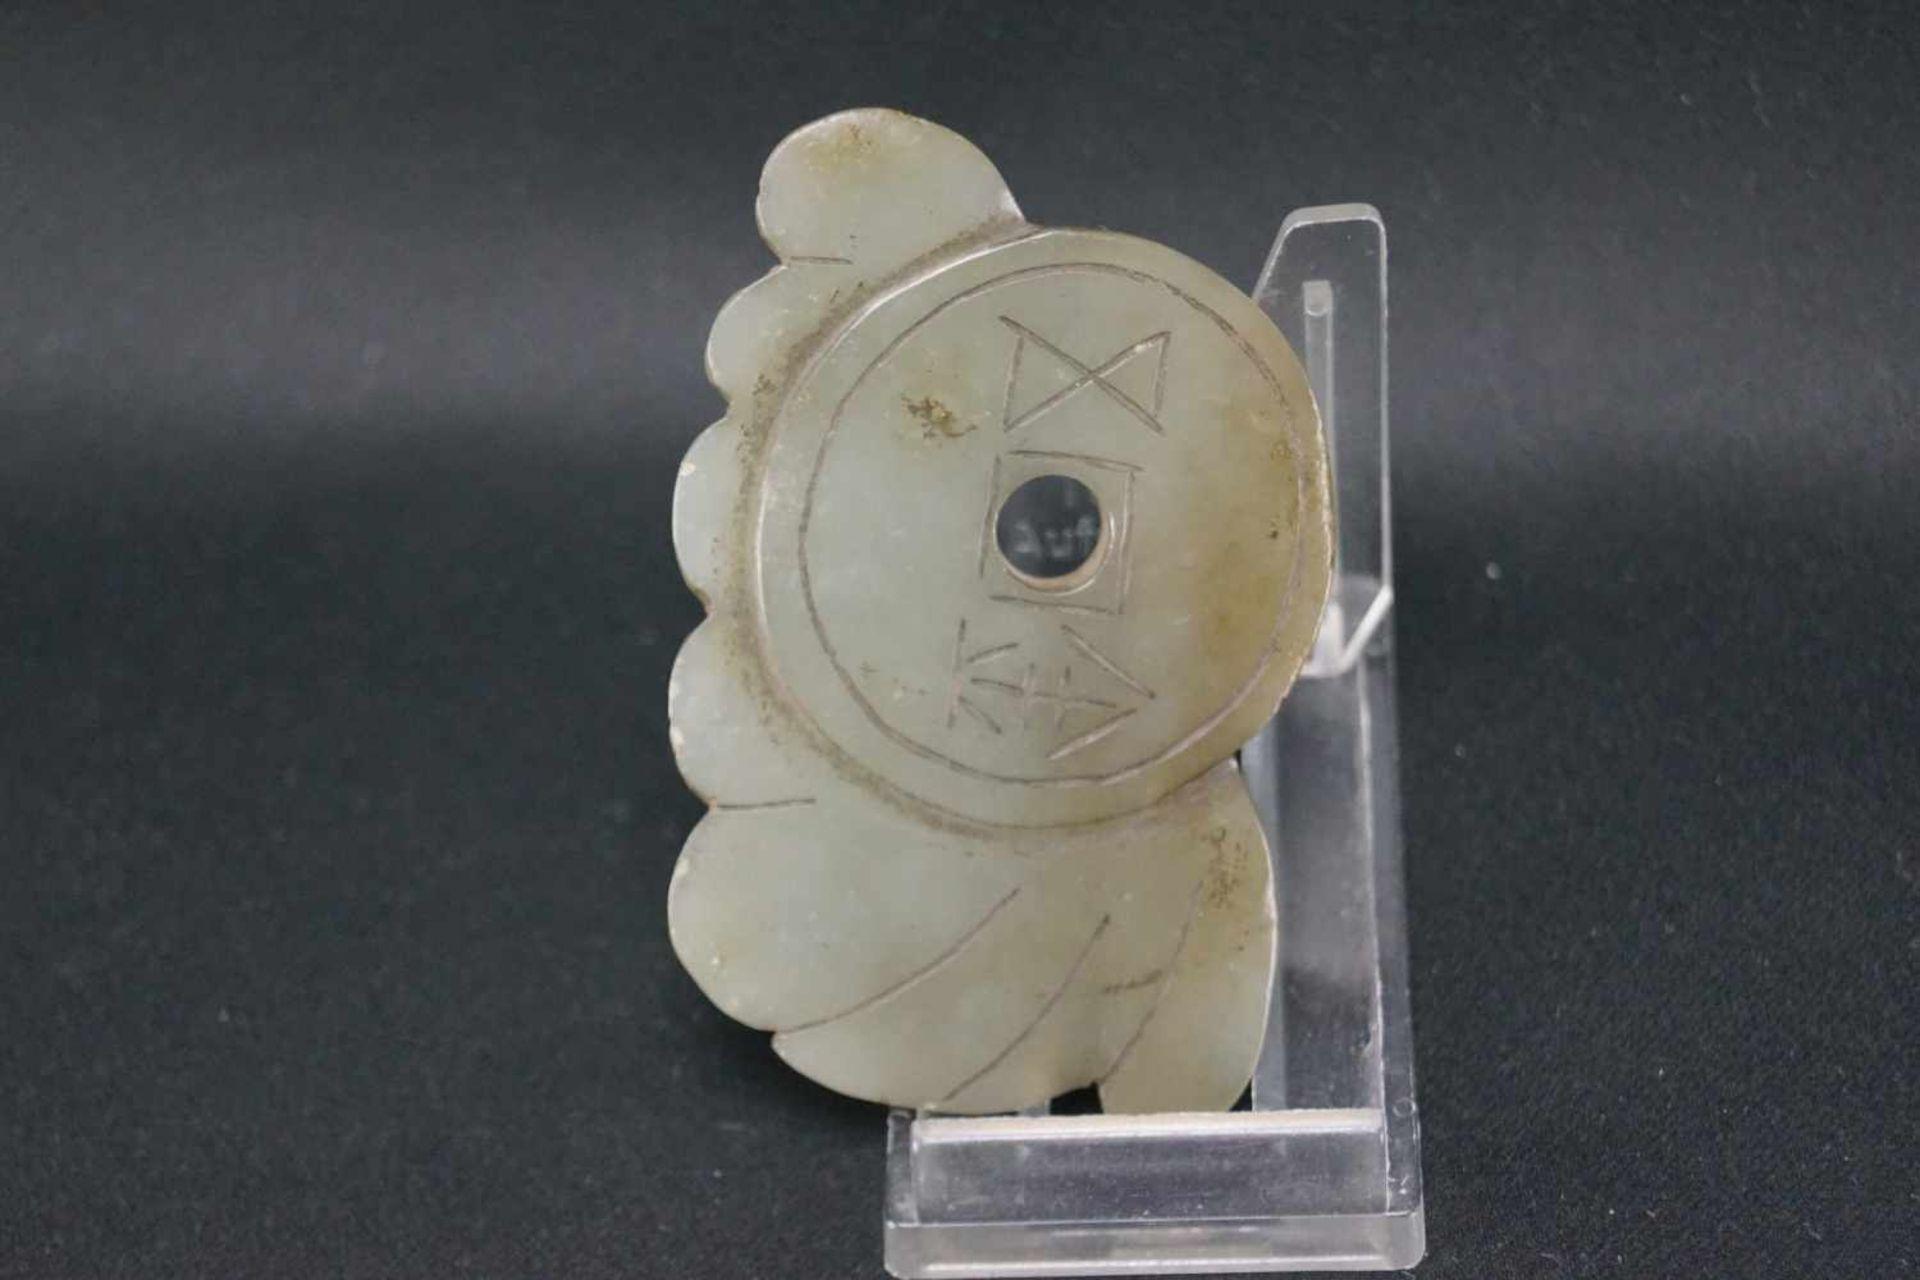 Drei Jadeschnitzereienhellgrüne Jade, im archaischen Stil, Maße der eckigen Schnitzereien Höhe 7 - Bild 5 aus 7